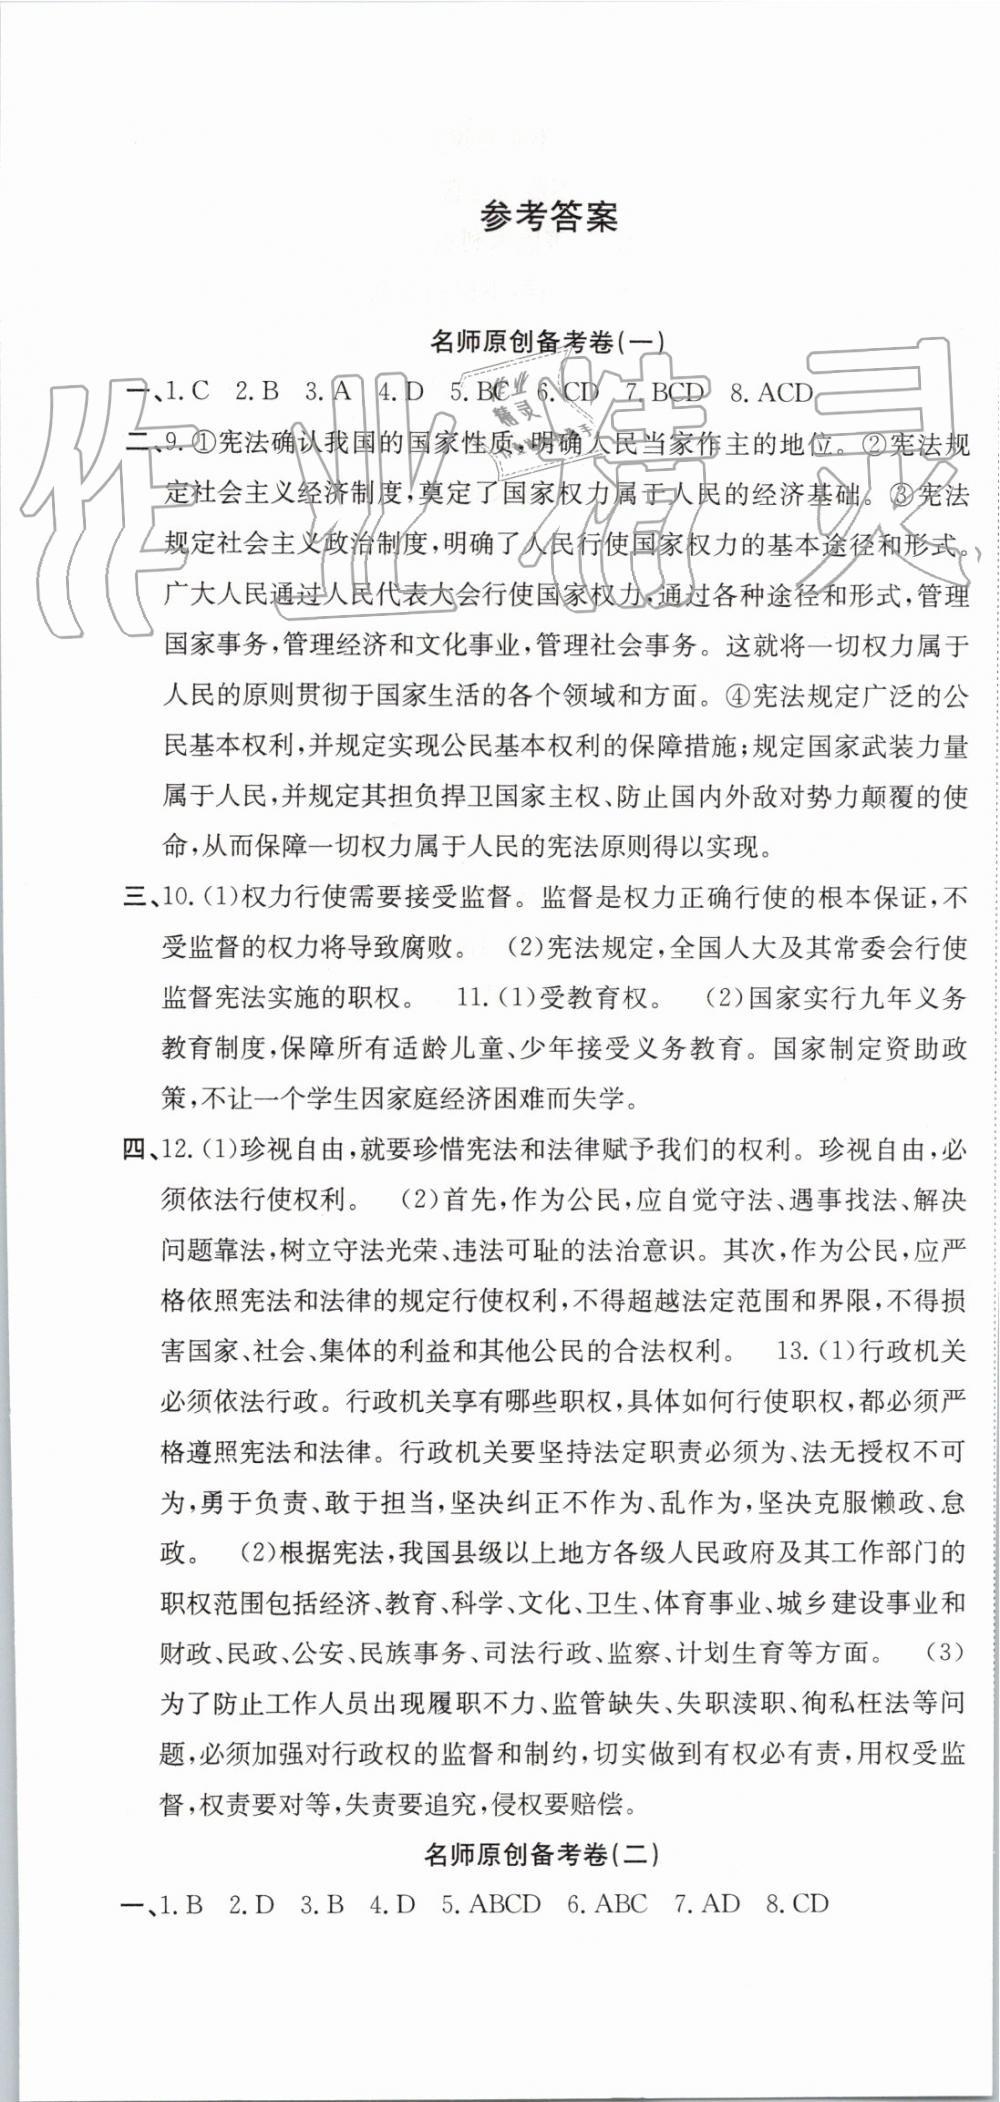 2019年高分演练期末备考卷八年级道德与法治下册人教版第1页